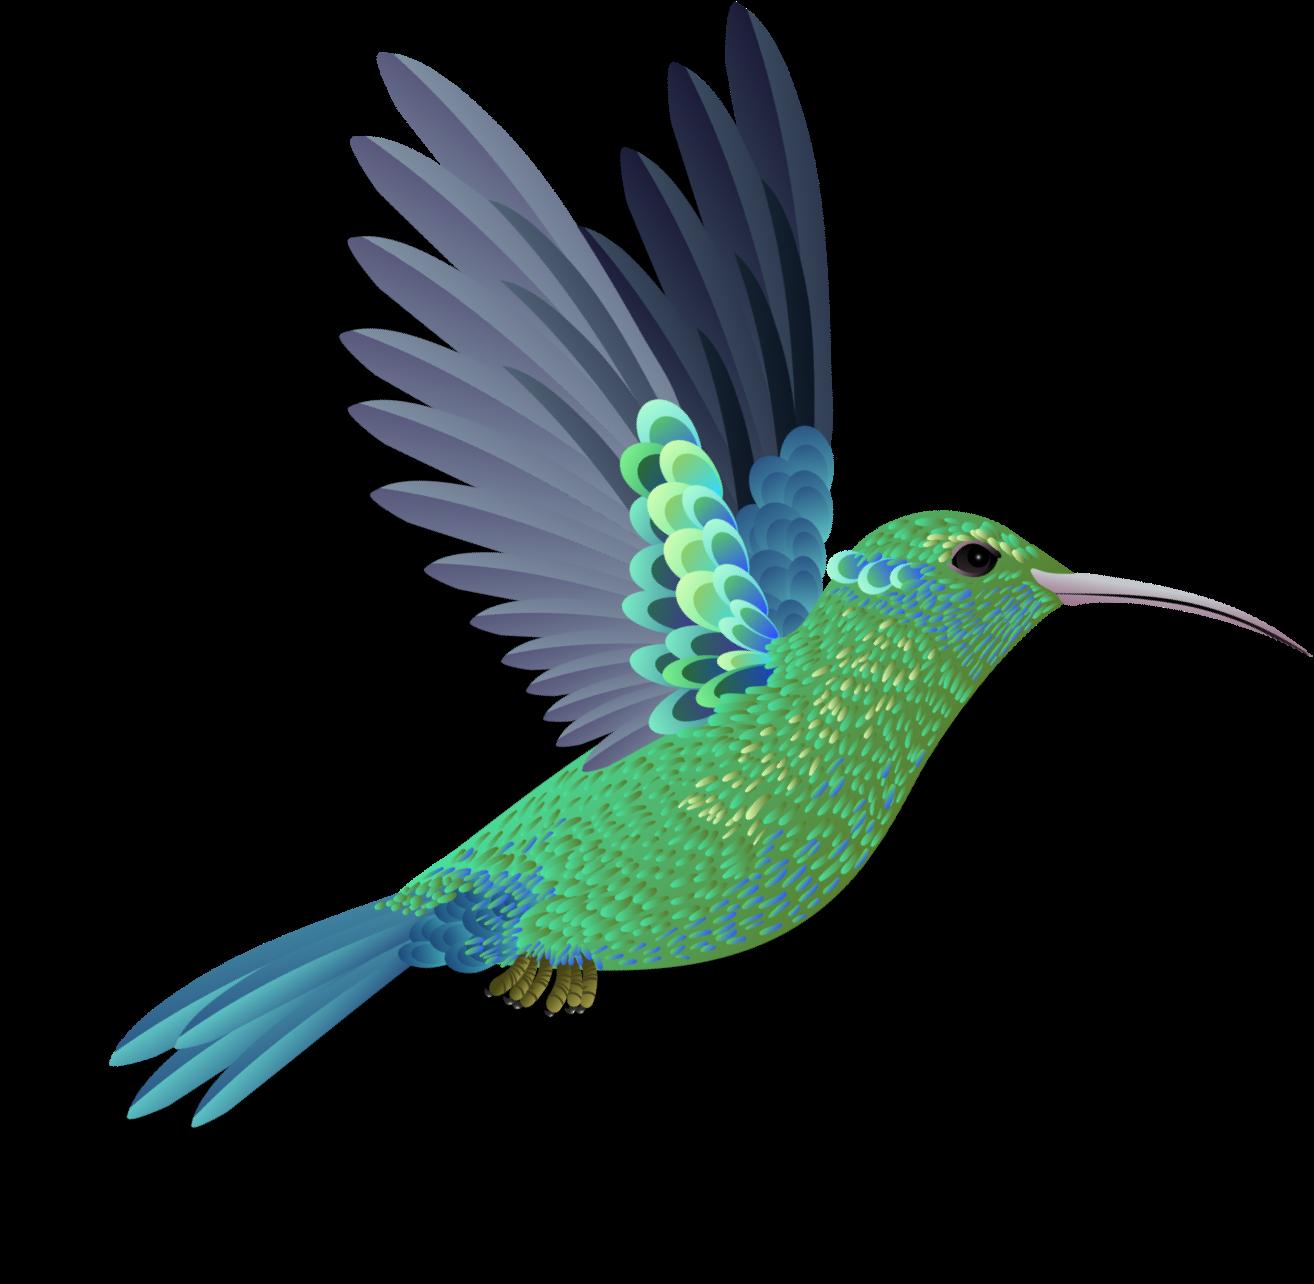 Un Colibrí Verde con Azul volando